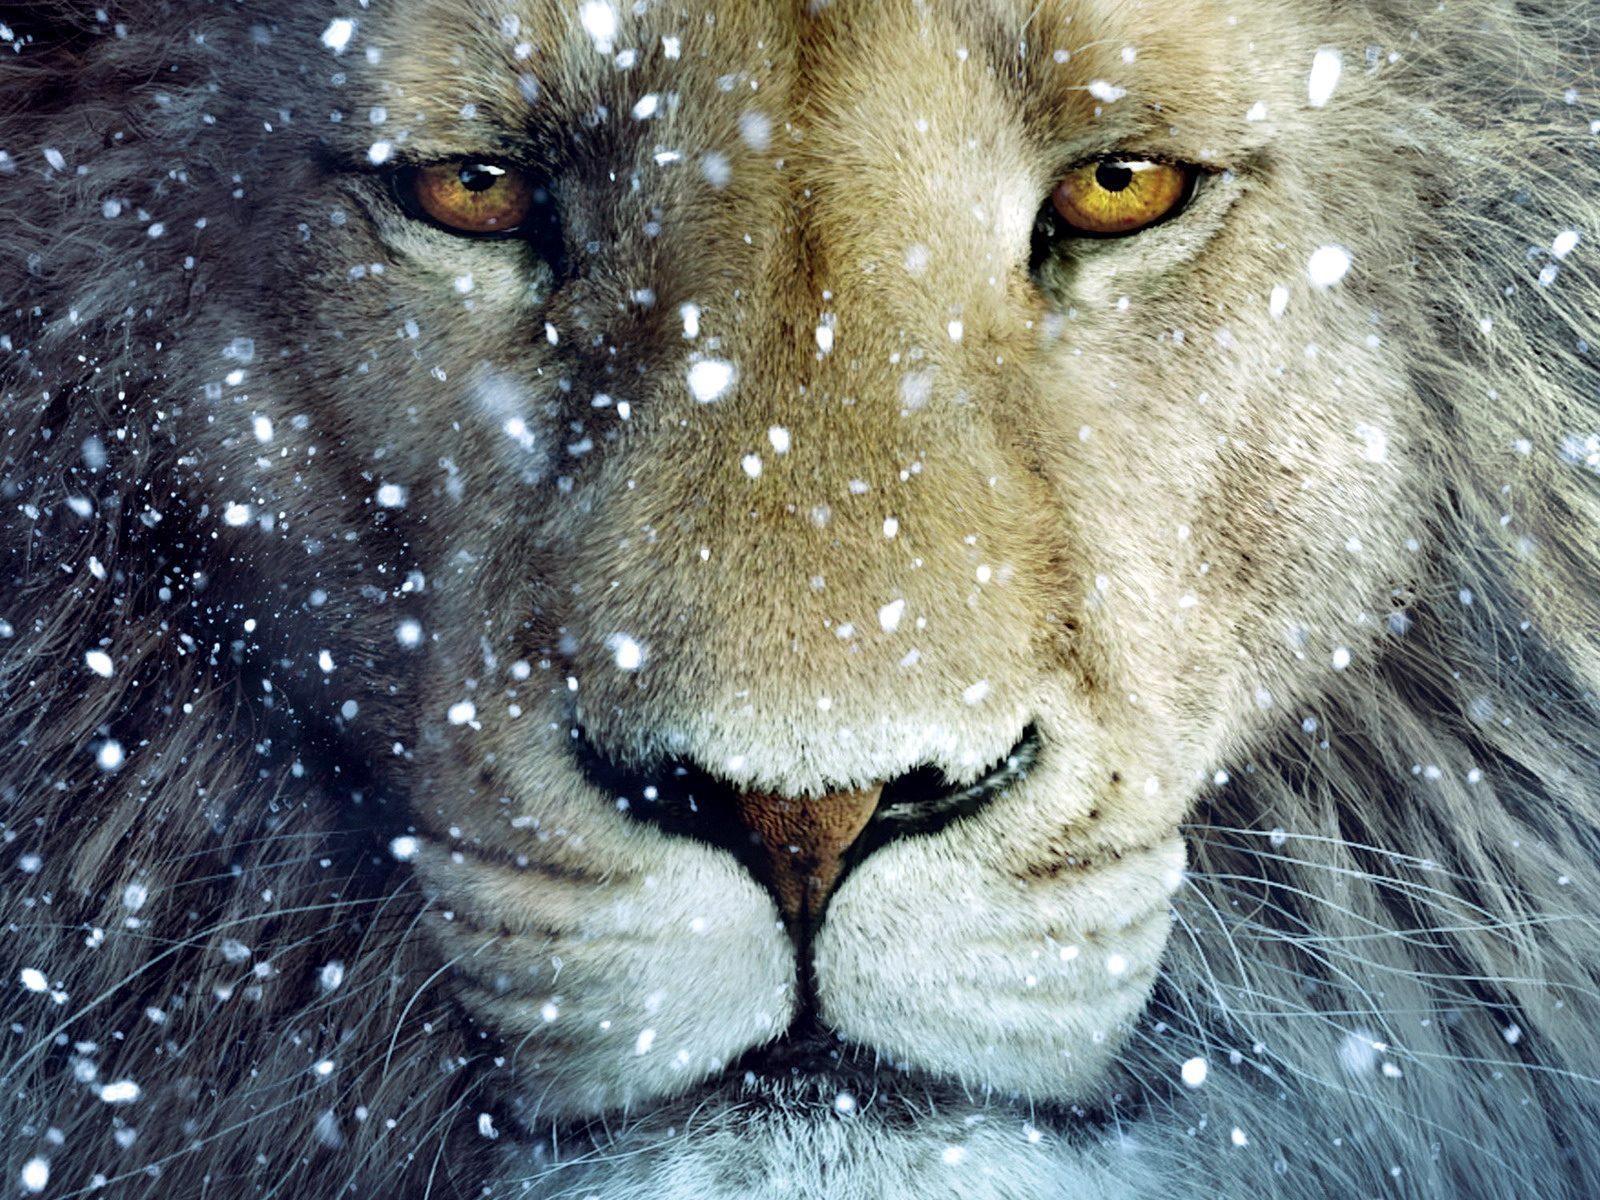 лев и снег, скачать фото, обои на рабочий стол